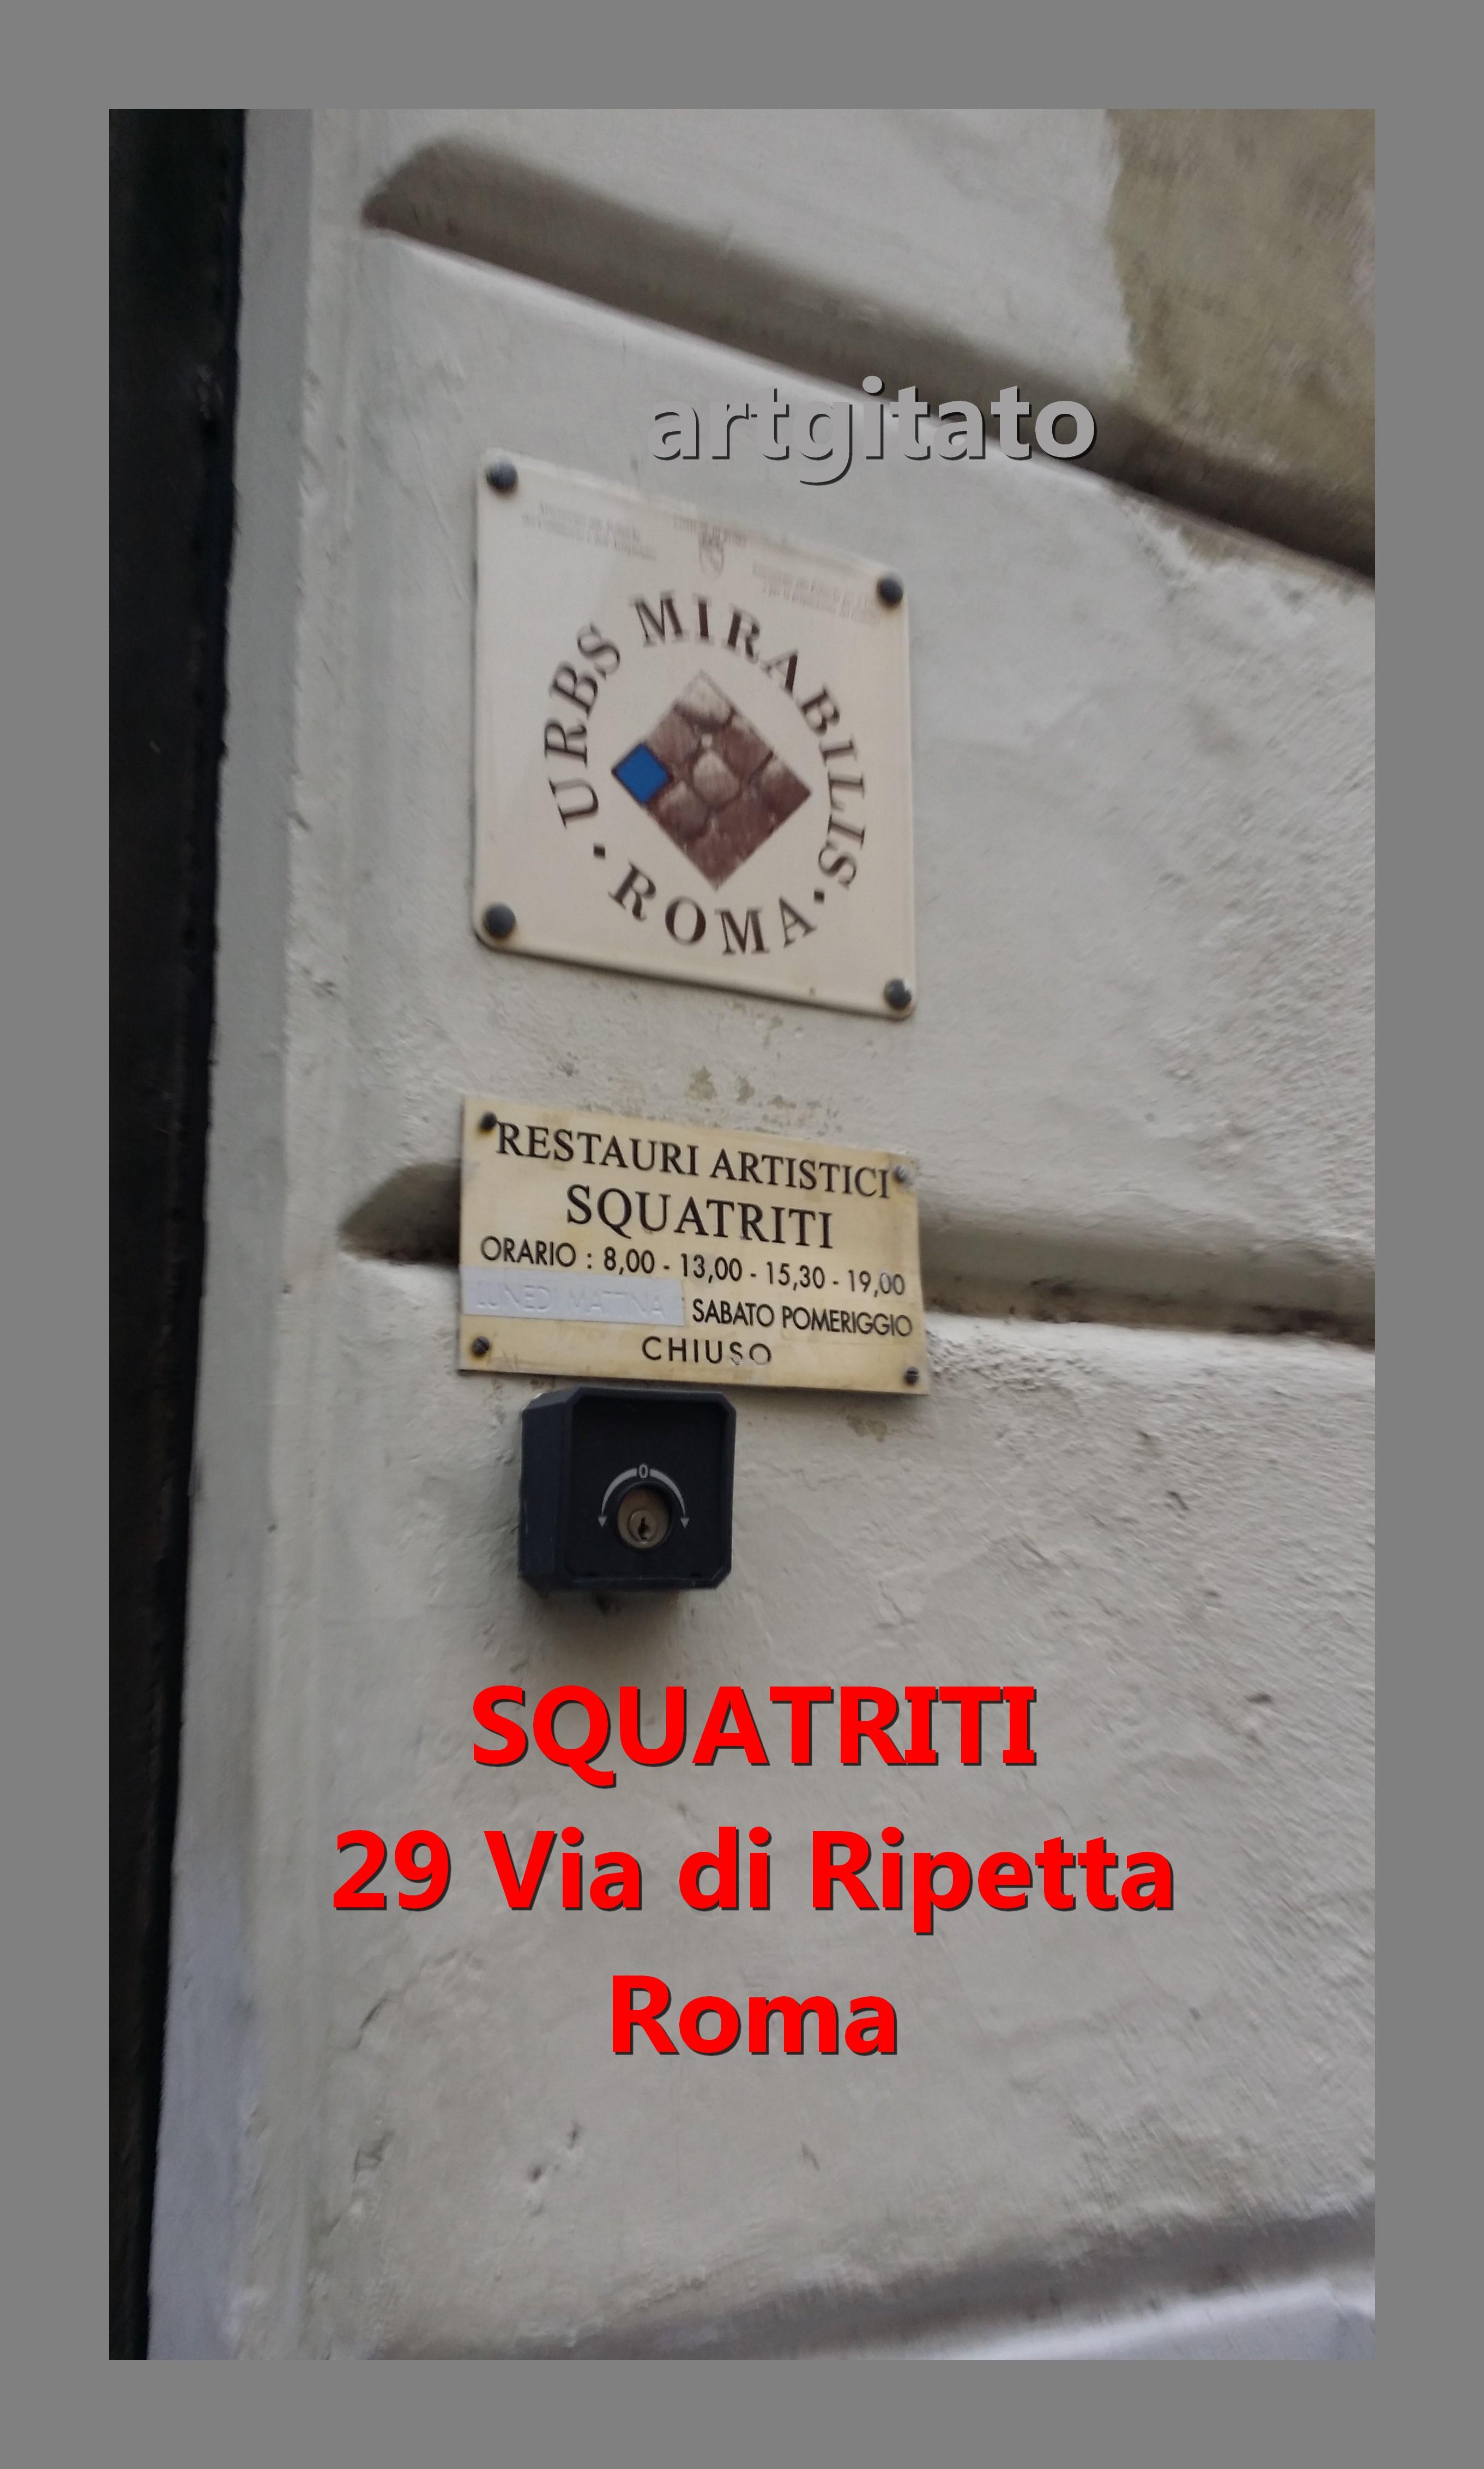 Via di Ripetta Squatriti Restaurateur de Poupée artgitato 3